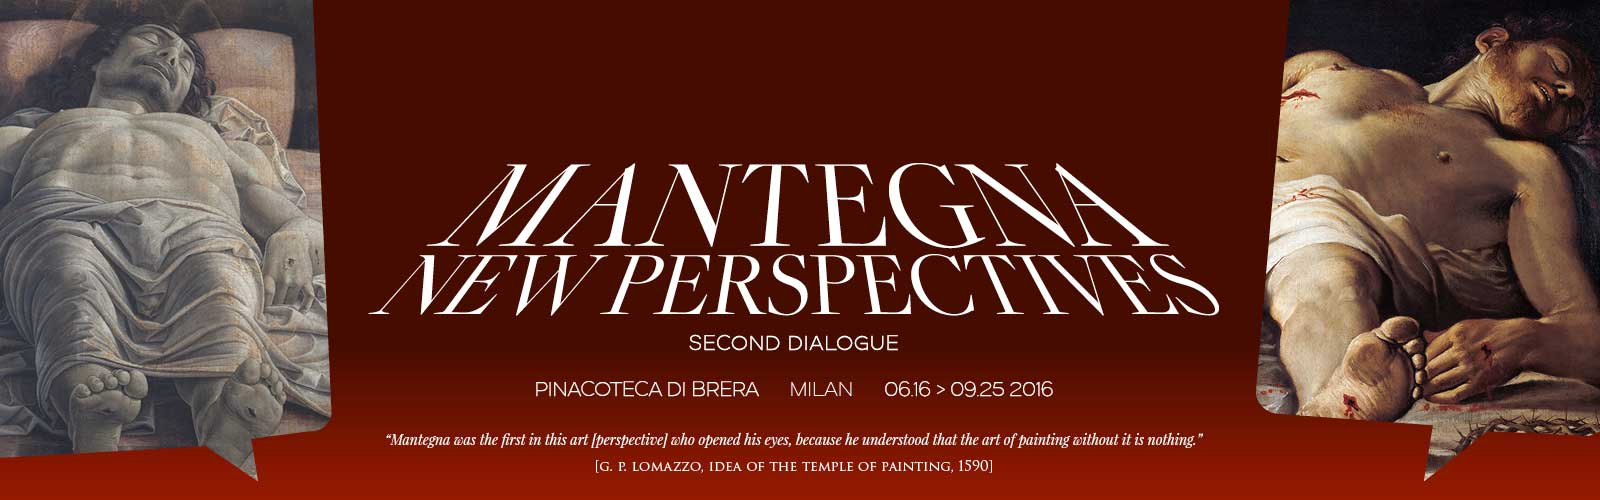 Andrea Mantegna: New Perspectives